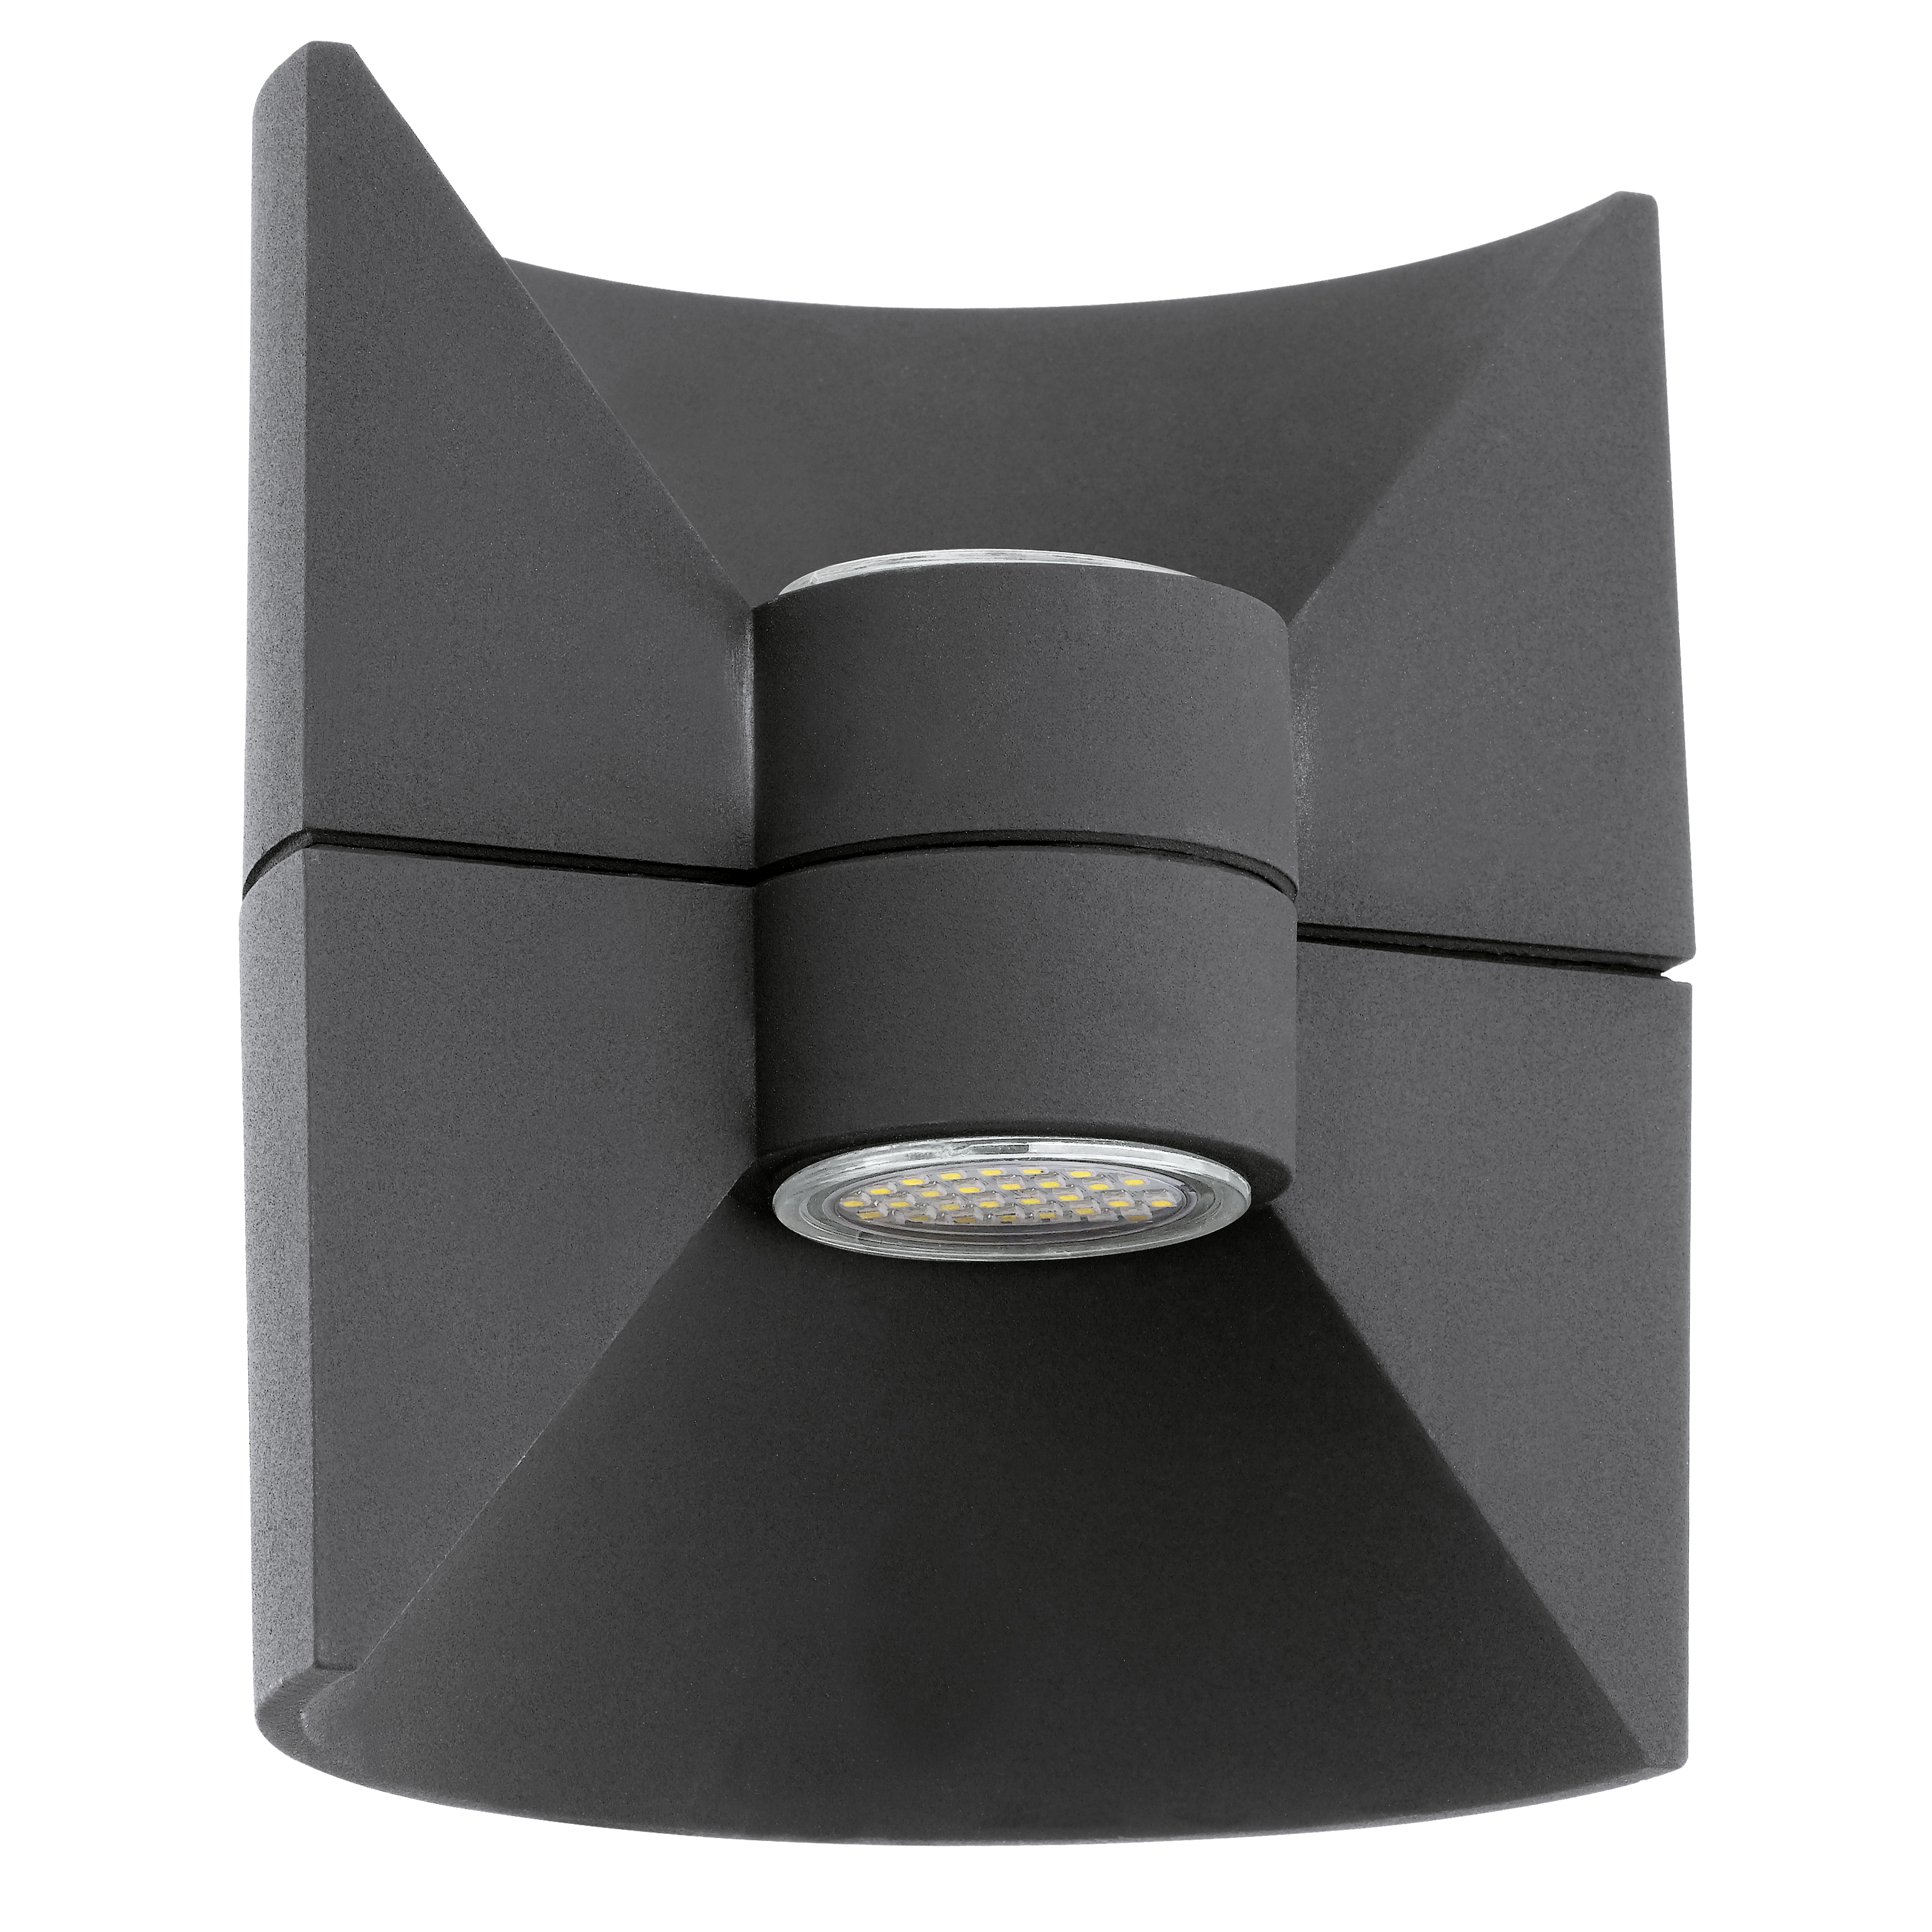 Applique d'extérieur LED 2 lumières aluminium H18cm